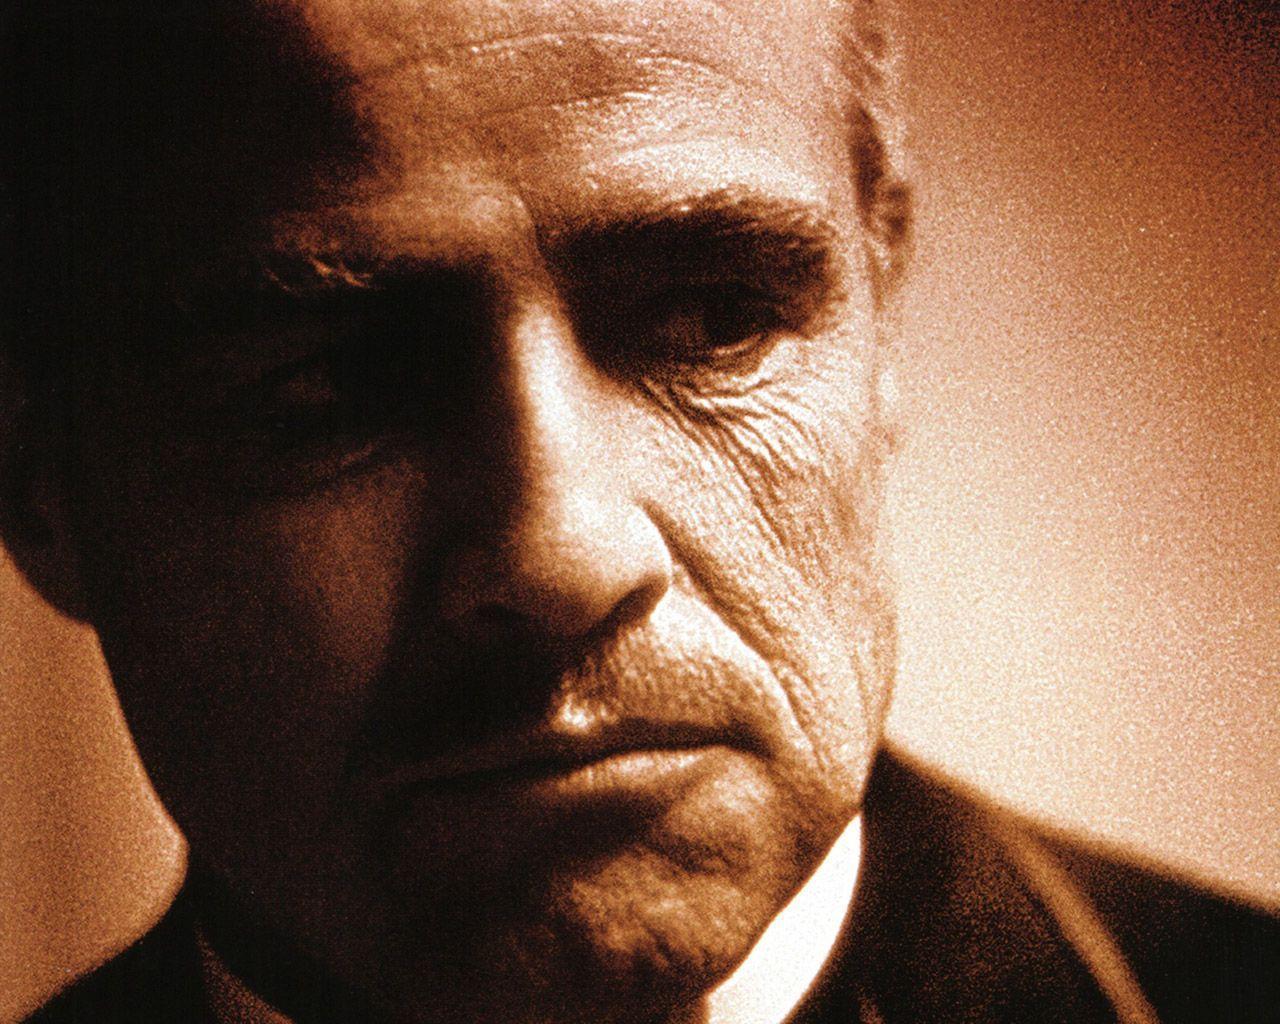 Vito Corleone Wallpapers 1280x1024